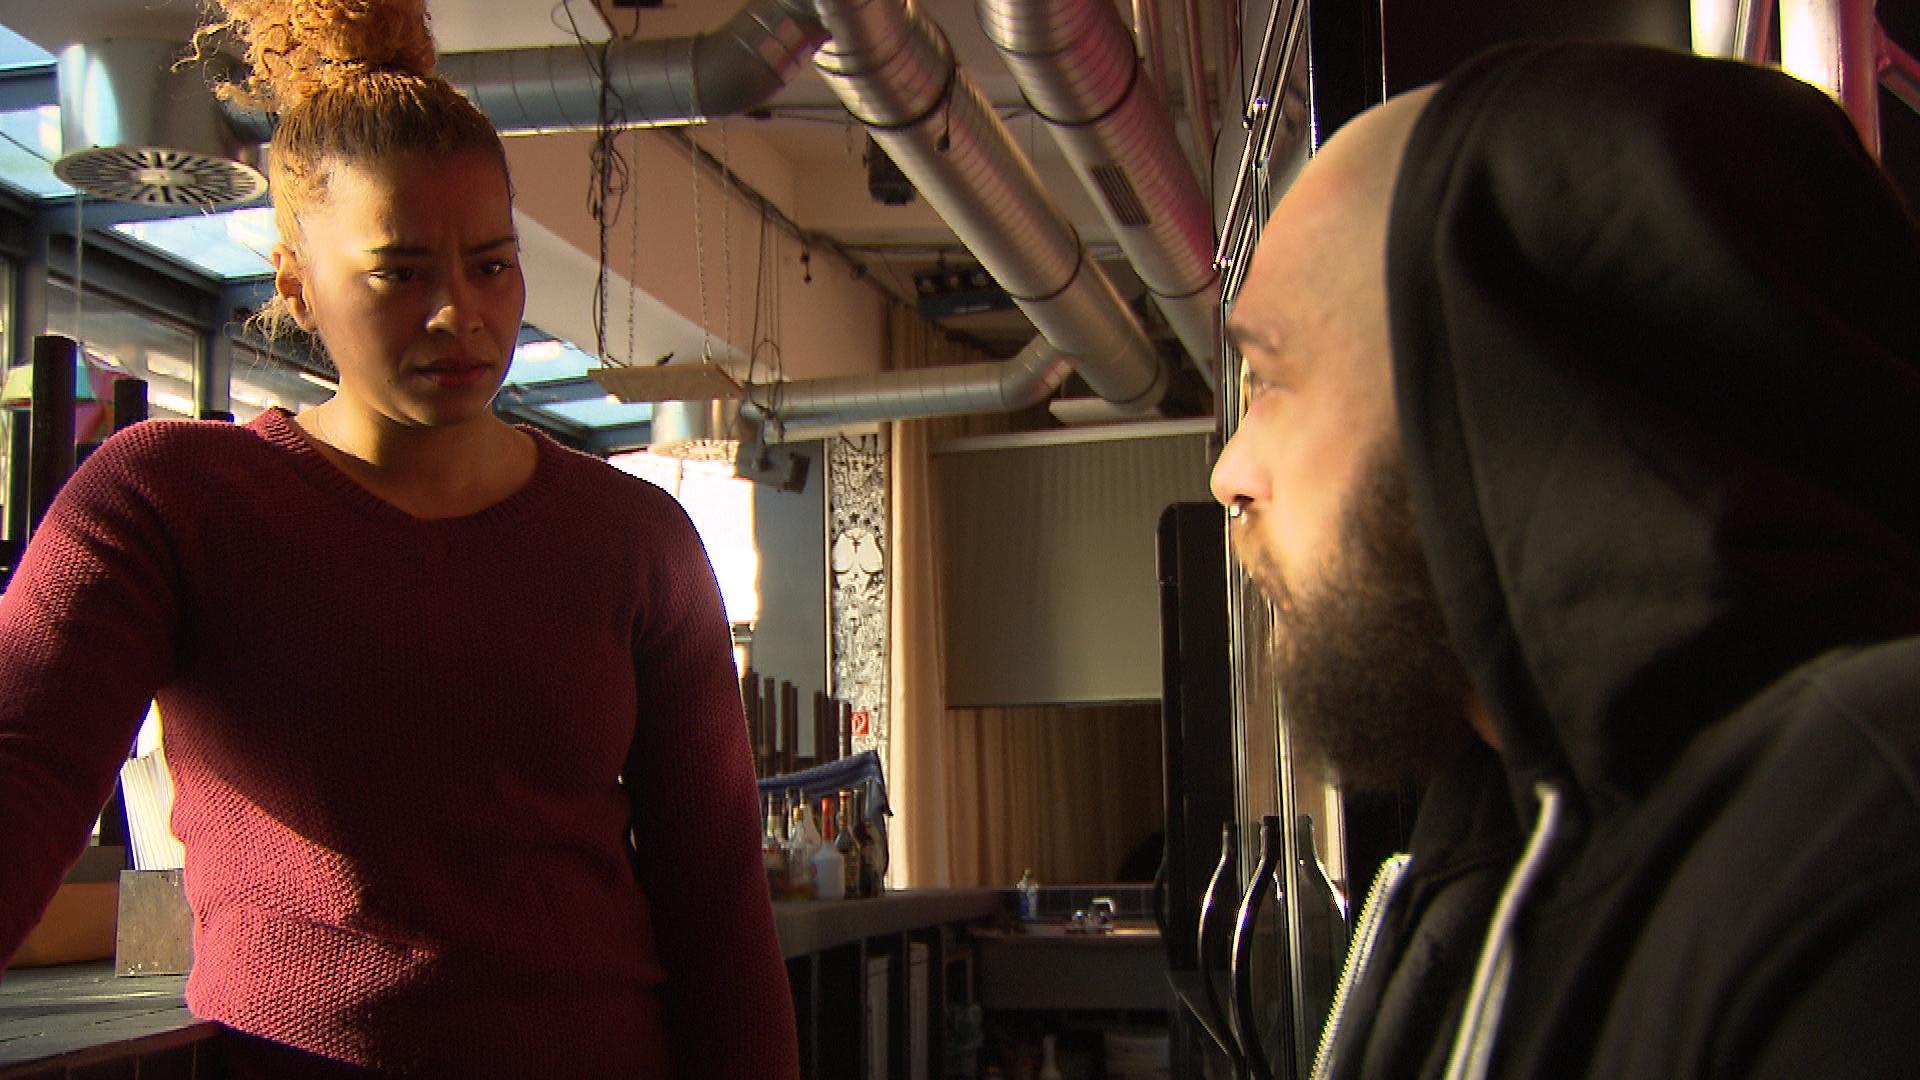 Sam leidet sehr unter dem Streit mit Bruno. Sie fasst sich ein Herz, geht auf ihn zu und schafft es, einen Waffenstillstand zu erzielen. (Quelle: RTL 2)